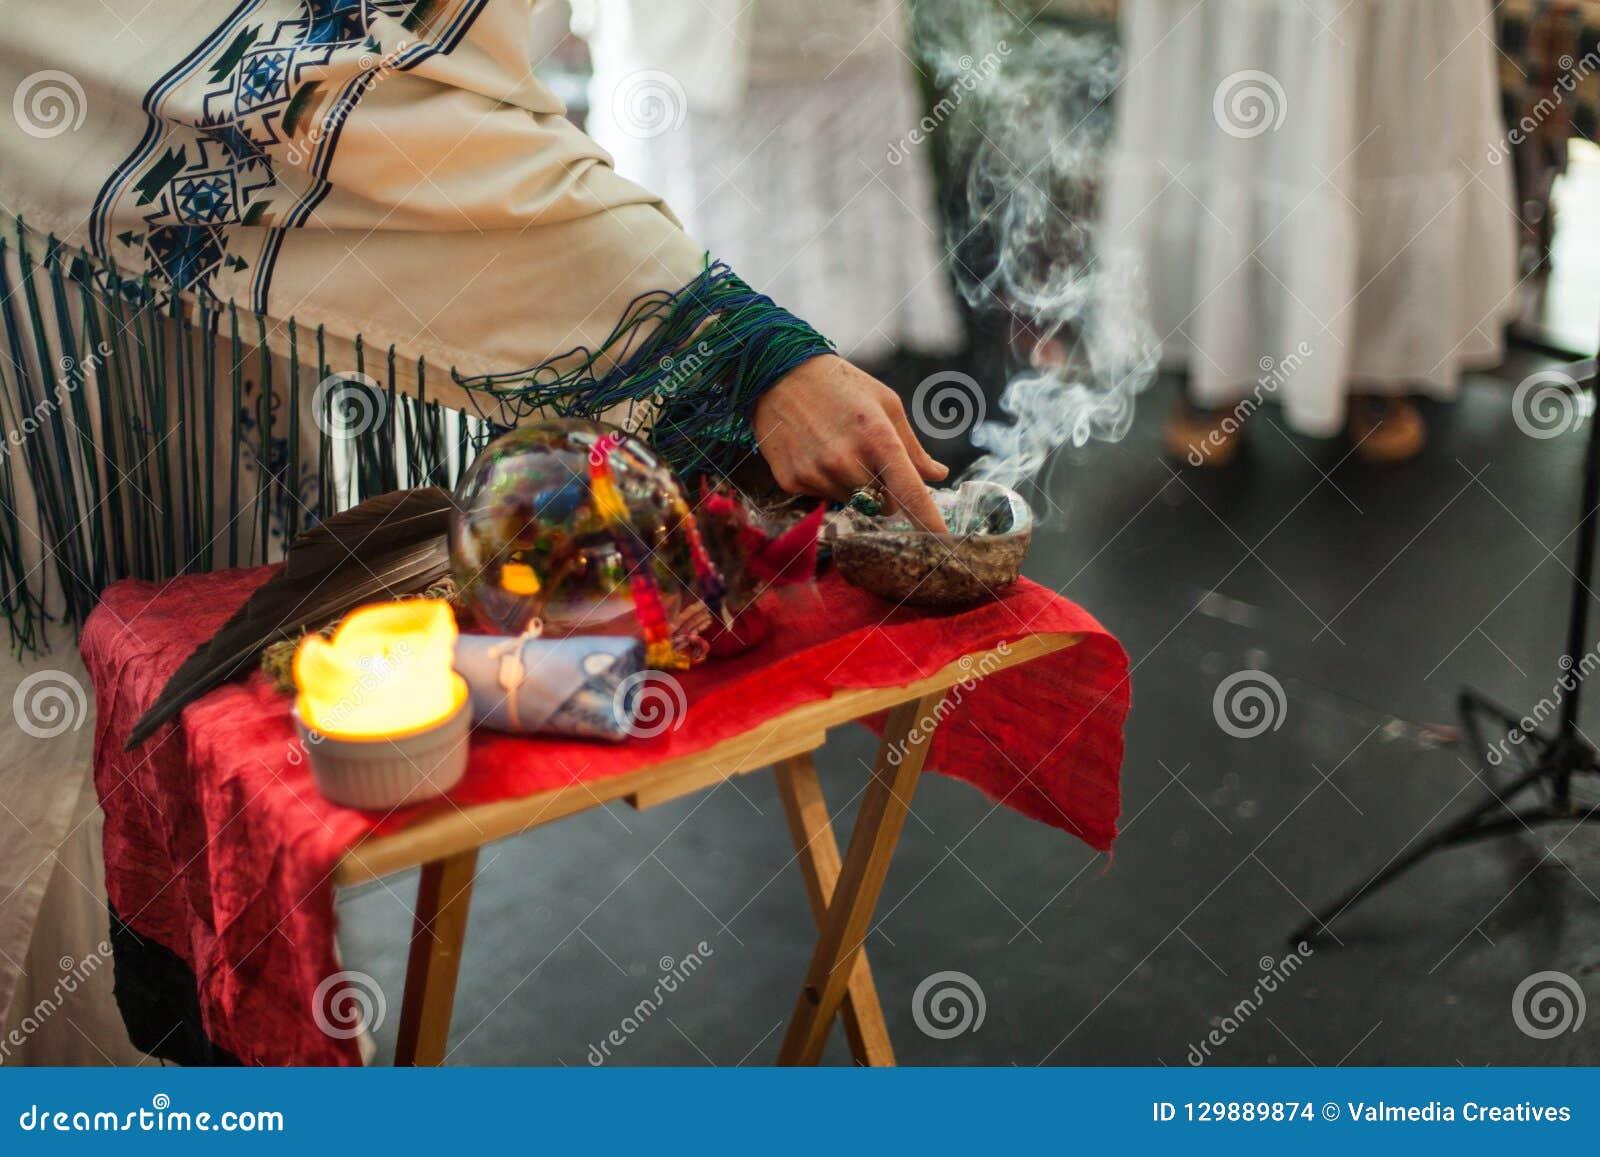 De vrouw in plechtige robe raakt rokende salie